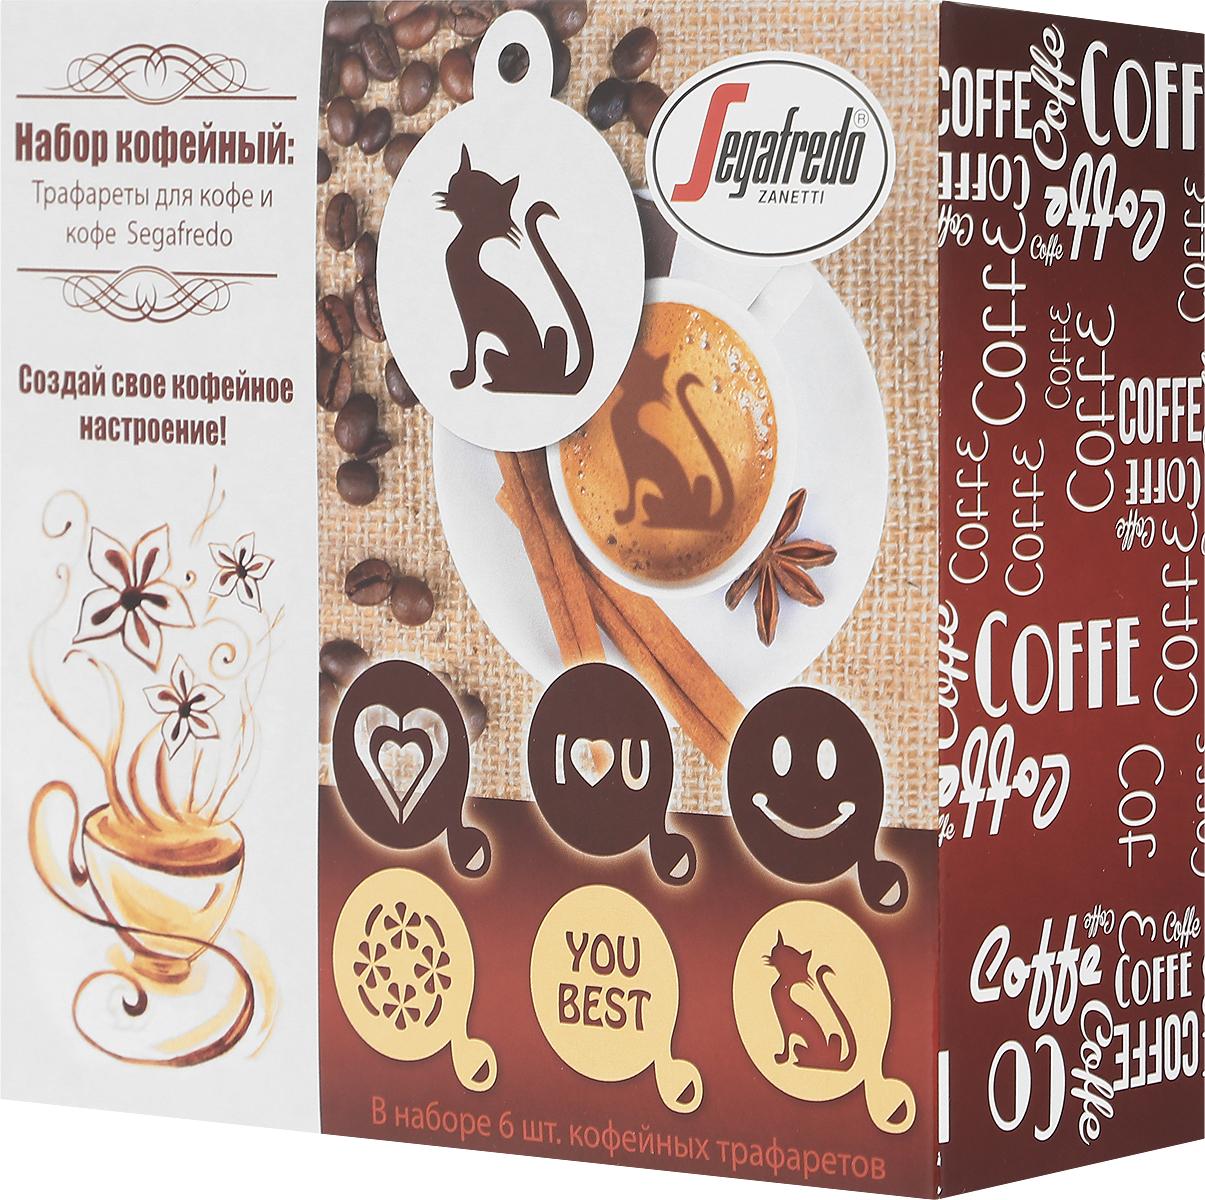 Segafredo Набор № 2 кофе молотый Buono, 100 г + трафареты для кофе, 6 шт10082-00Кофейный набор Segafredo - необычный набор, который сделает церемонию кофепития особенной и романтичной, ведь в состав набора, помимо кофе, входят 6 трафаретов для создания рисунков на кофейной пенке! Теперь вы получите не только заряд бодрости от тонизирующего напитка, но и хорошее настроение от созданного изображения на кофейной пенке! Такие трафареты можно использовать для выпечки, печенья и тортов, чтобы сделать из такого десерта картинку. Материал трафаретов: полипропилен. Страна-изготовитель: Китай. Диаметр трафарета без держателя - 85 мм, диаметр с держателем - 110 мм. Срок годности не ограничен.